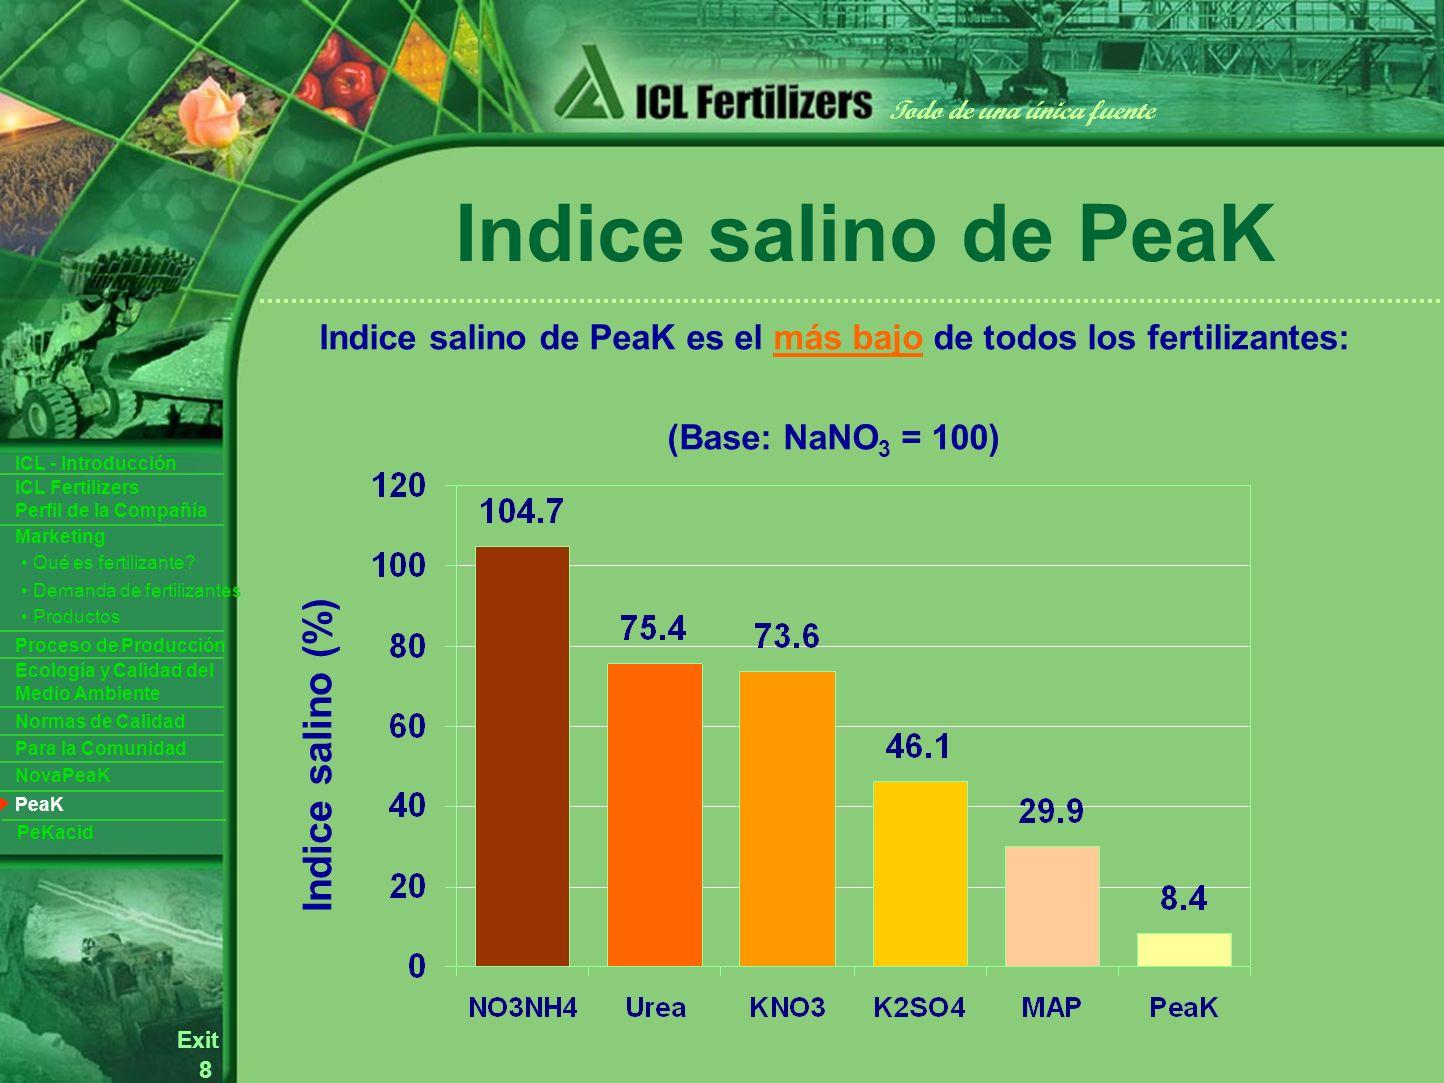 8 Exit Todo de una única fuente ICL Fertilizers Perfil de la Compañía ICL - Introducción Productos Para la Comunidad Ecología y Calidad del Medio Ambiente Normas de Calidad Marketing Proceso de Producción Demanda de fertilizantes Qué es fertilizante.